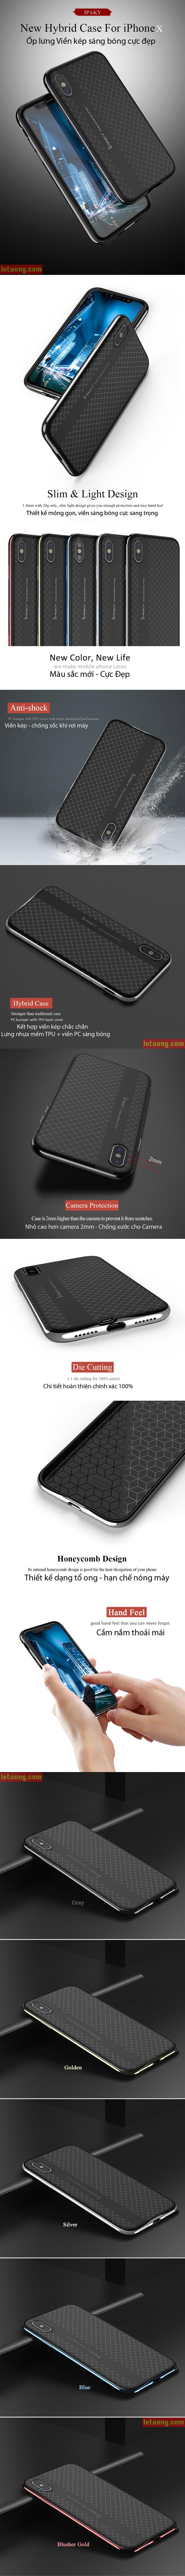 Ốp lưng Iphone X ( iphone 10 ) Ipaky Neo Hybrid viền kép sáng bóng 3